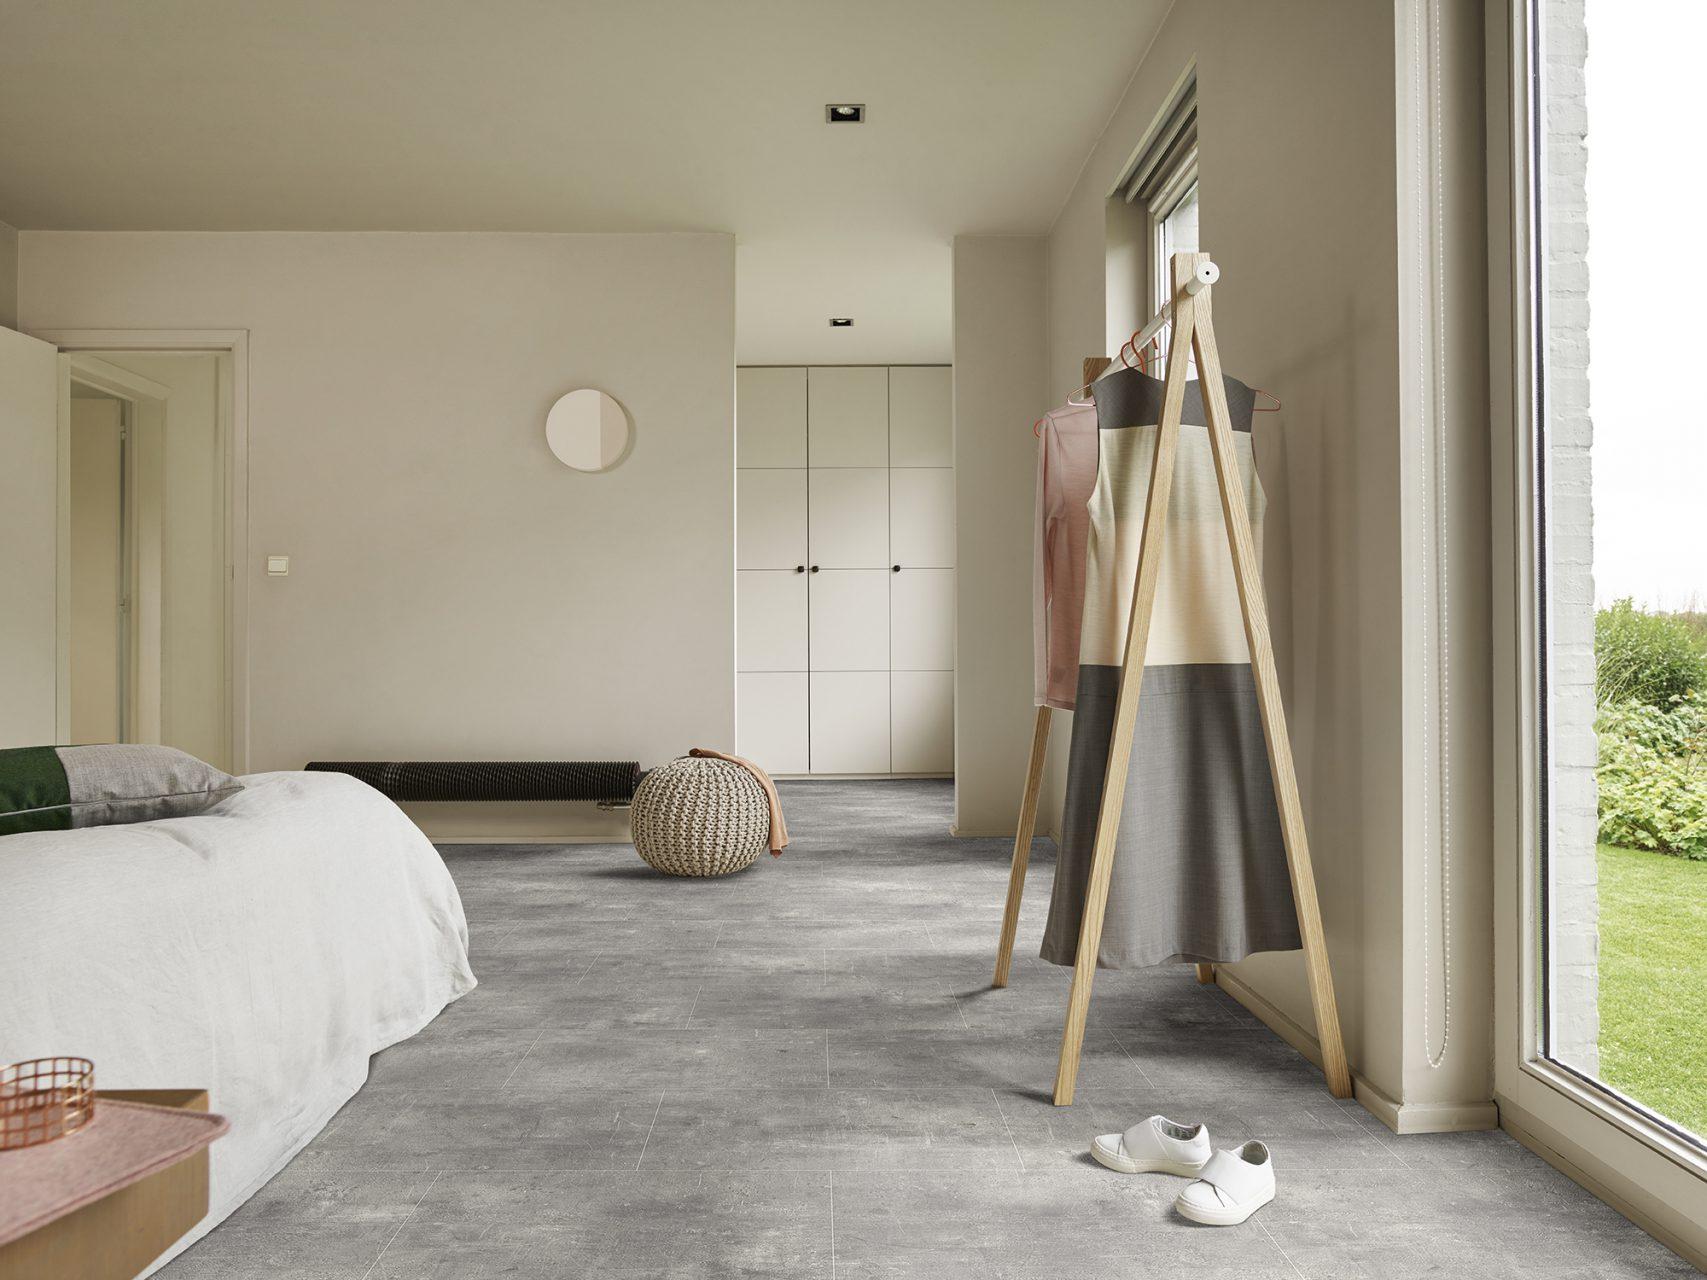 Vinylvloer Met Print : Inspirational badkamer ideeen met vinyl vloer retro